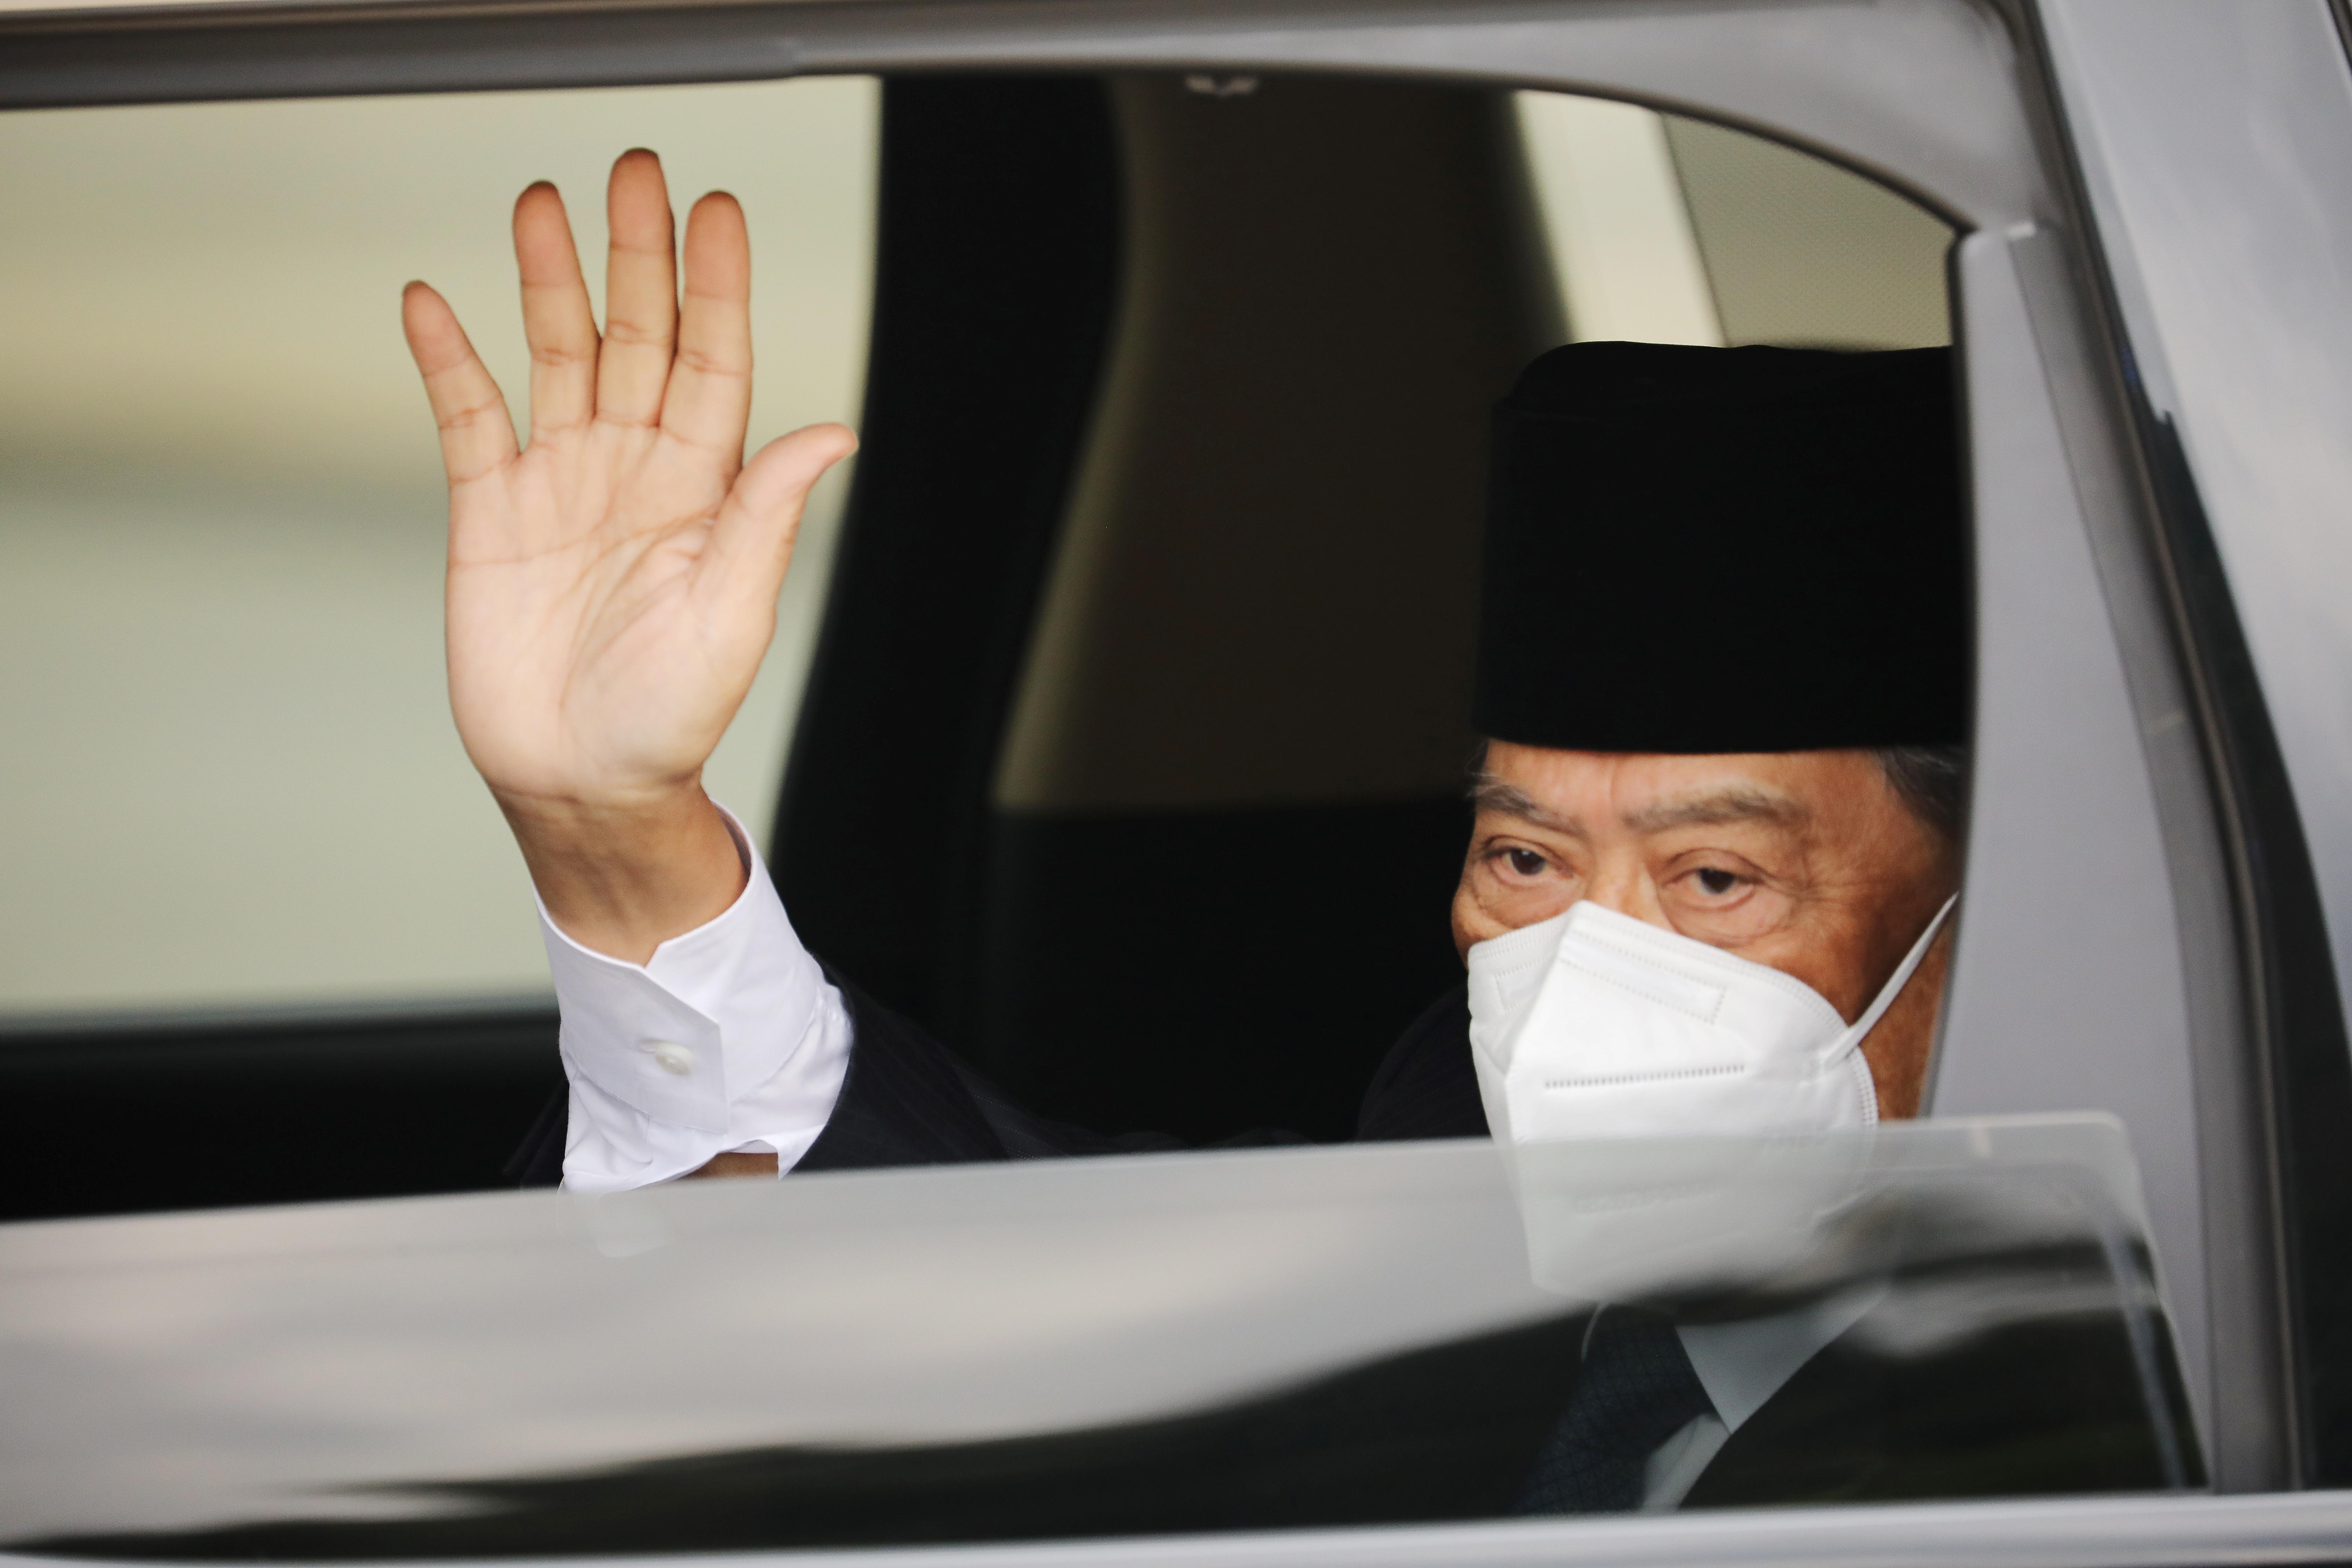 马来西亚总理穆希丁辞职(执政仅18个月)马来西亚执政时间最短的总理